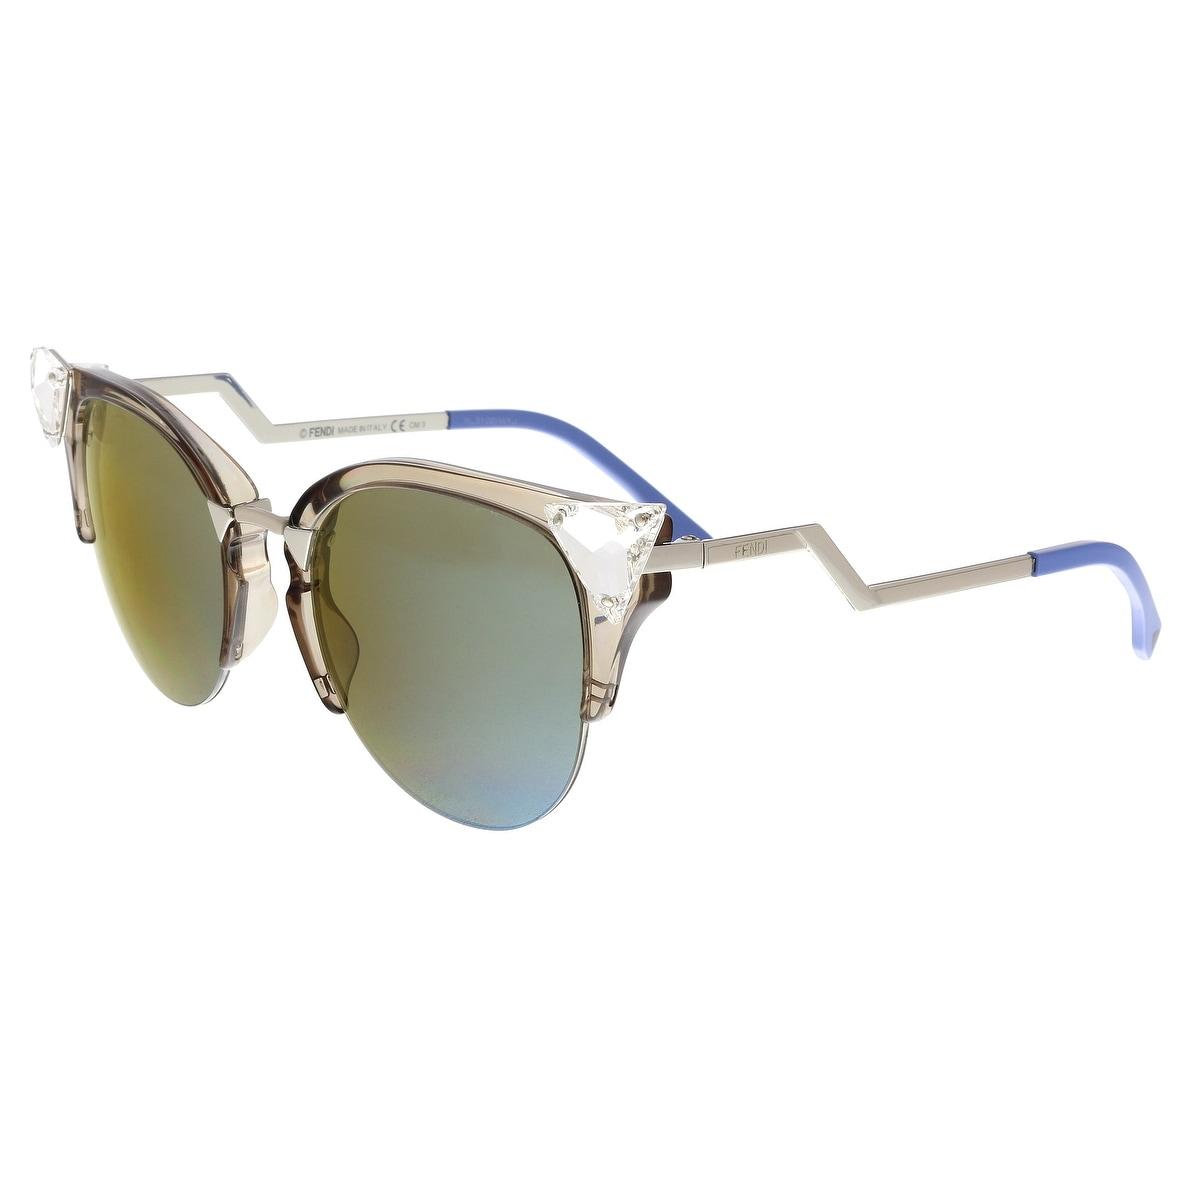 e856c58957f Fendi Women s Sunglasses